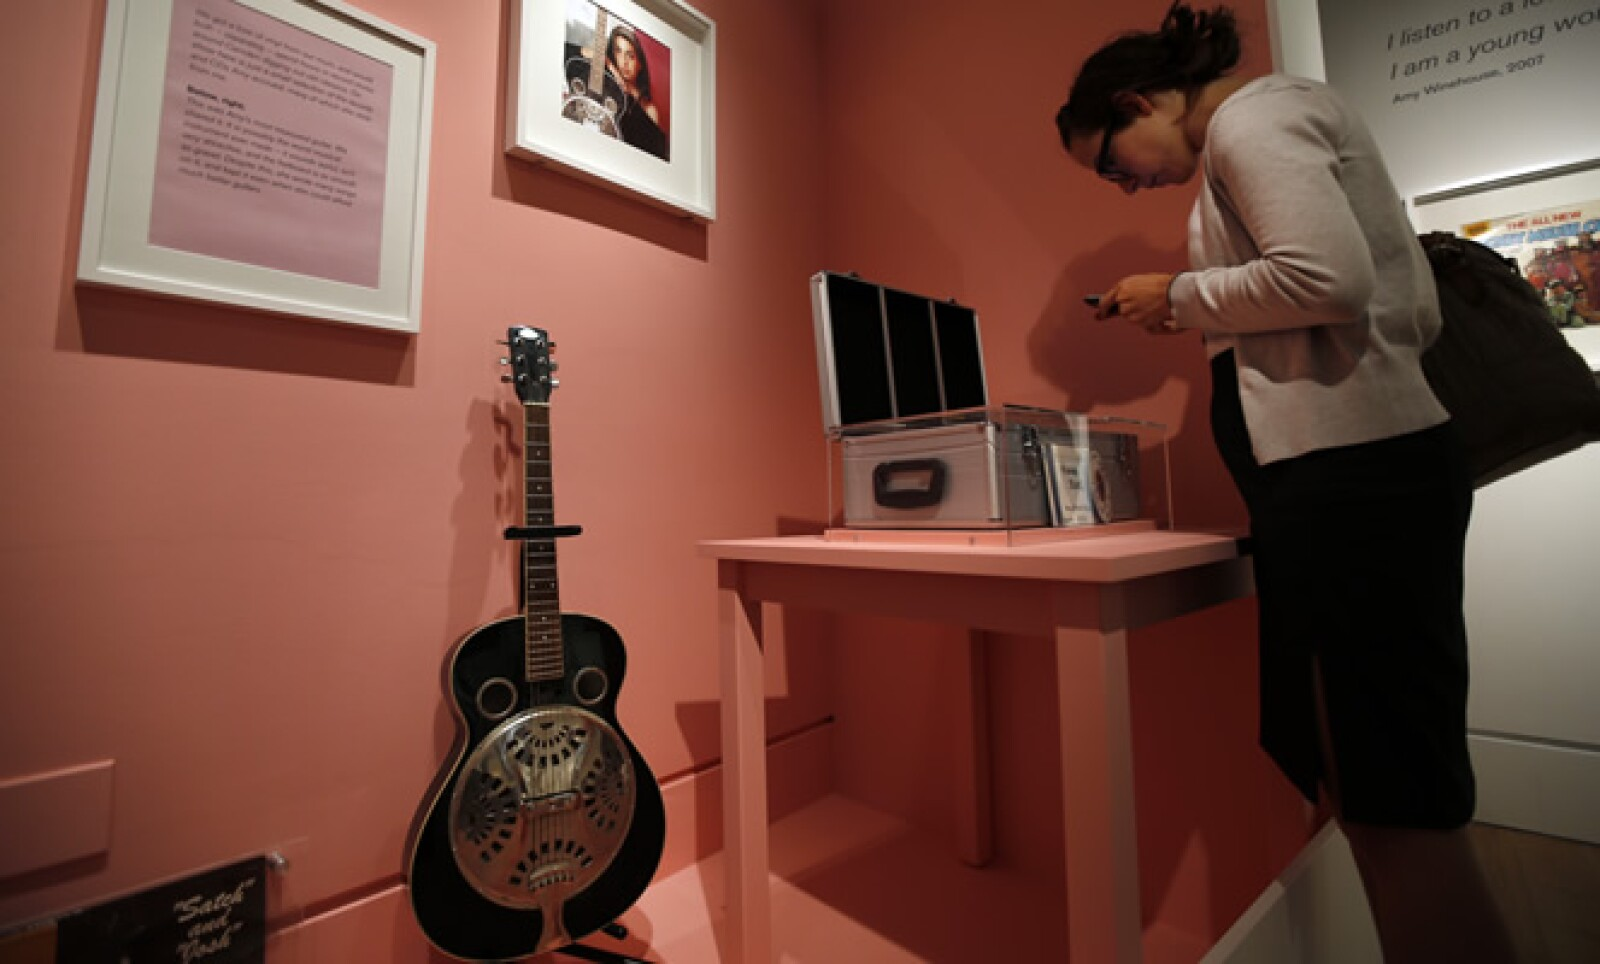 Una de sus guitarras en el Museo Judío. Los asistentes encontrarán fragmentos de sus escritos y discos que poseía.